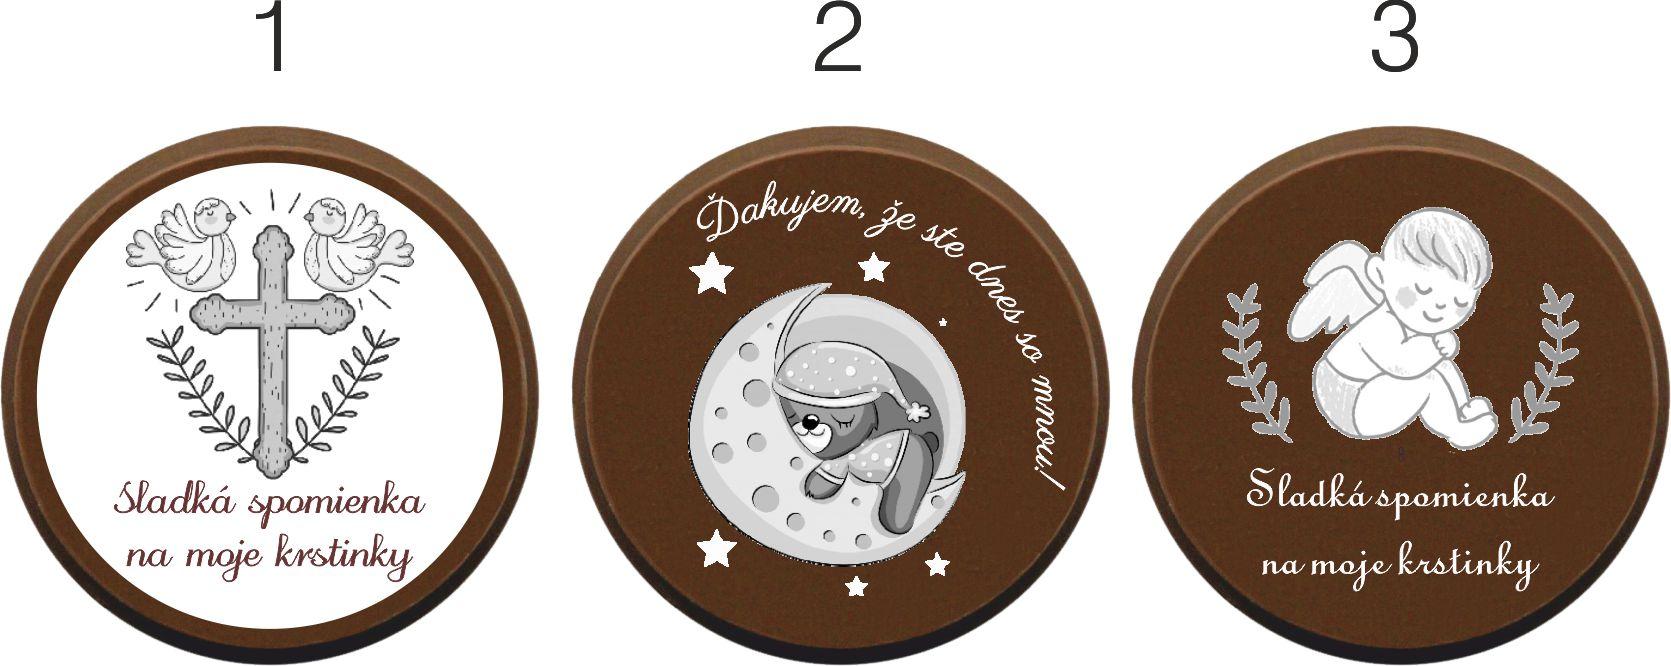 Vzory čokoládiek na krst - Dukátik